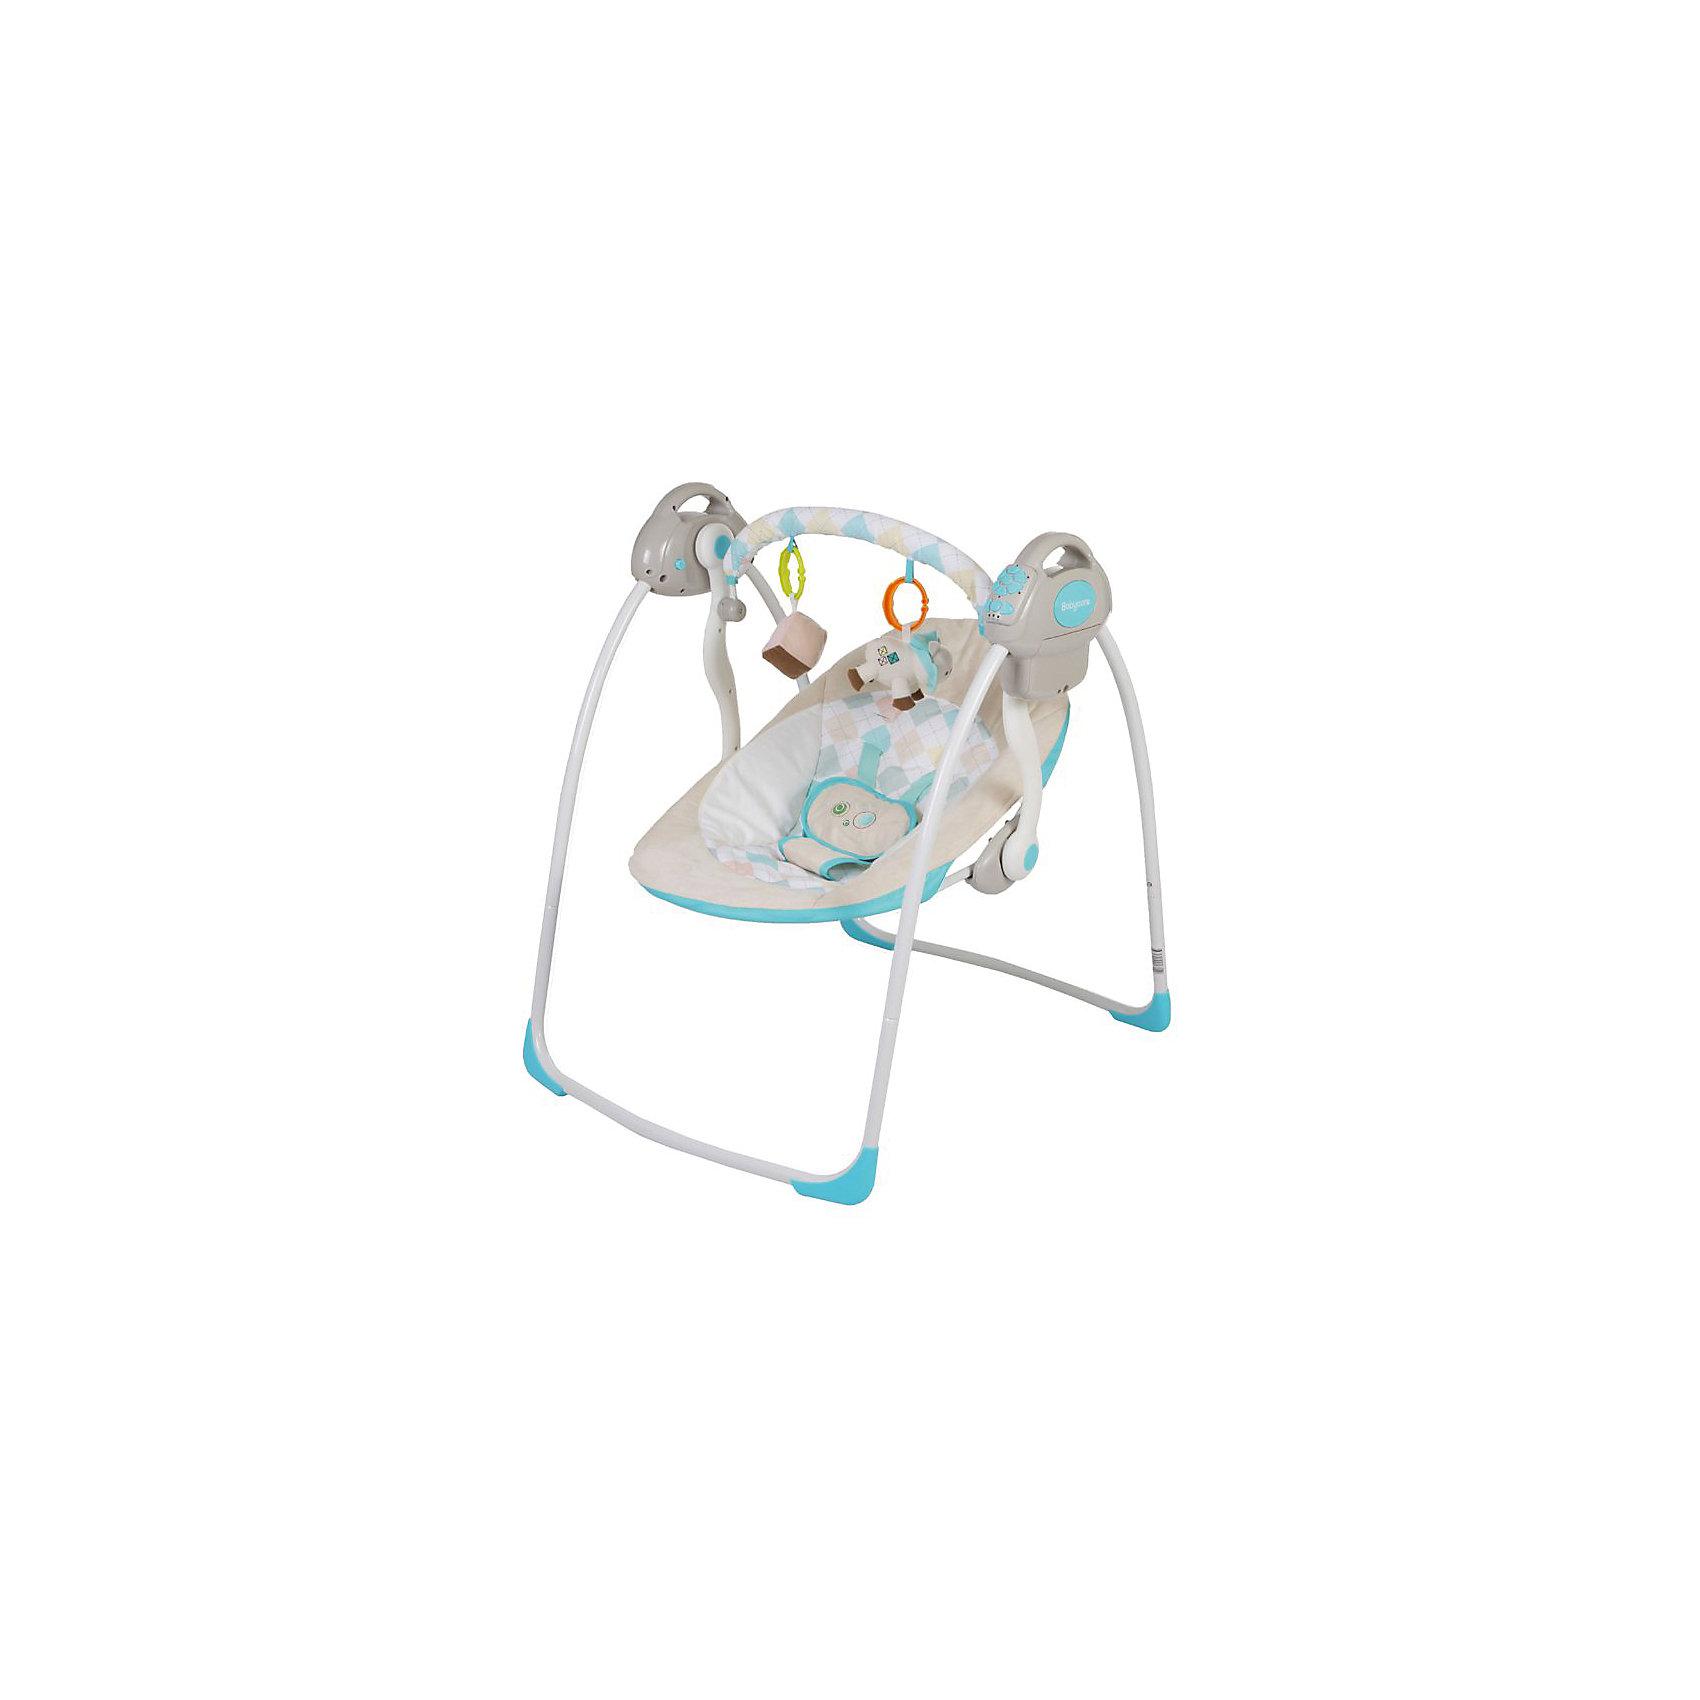 Электрокачели Riva с адаптером, Baby Care, синийКачели электронные<br>Характеристики товара:<br><br>• возраст с рождения до 6 месяцев;<br>• материал: металл, пластик, текстиль<br>• наклон спинки в 2 положениях;<br>• 6 скоростей укачивания;<br>• 10 мелодий и 3 уровня громкости;<br>• дуга с игрушками<br>• 5-ти точечные ремни безопасности;<br>• обивку сидения можно стирать в холодной воде<br>• съемный чехол сидения<br>• качели легко и компактно складываются<br><br>Электрокачели Baby Care Riva помогут молодой маме укачать и убаюкать кроху. Перед сном малыша успокоят приятные колыбельные. Дуга с подвесными игрушками развлечет малыша. Он может рассматривать их, трогать или играть с ними. Качели легко и компактно складываются для хранения дома. <br><br>Размер в разложенном виде 82х63х72 см<br>Размер в сложенном виде 79х63х24 см<br>Расстояние от пола до сидения 25 см<br>Размеры сидения 66х41 см<br>Вес электрокачелей 4,5 кг<br>Размер упаковки 60х38х13 см<br><br>Комплектация:<br><br>• качели;<br>• дуга с игрушками;<br>• сетевой адаптер.<br><br>Электрокачели Baby Care Riva с адаптером можно приобрести в нашем интернет-магазине.<br><br>Ширина мм: 600<br>Глубина мм: 380<br>Высота мм: 130<br>Вес г: 4500<br>Возраст от месяцев: 3<br>Возраст до месяцев: 6<br>Пол: Унисекс<br>Возраст: Детский<br>SKU: 5493367